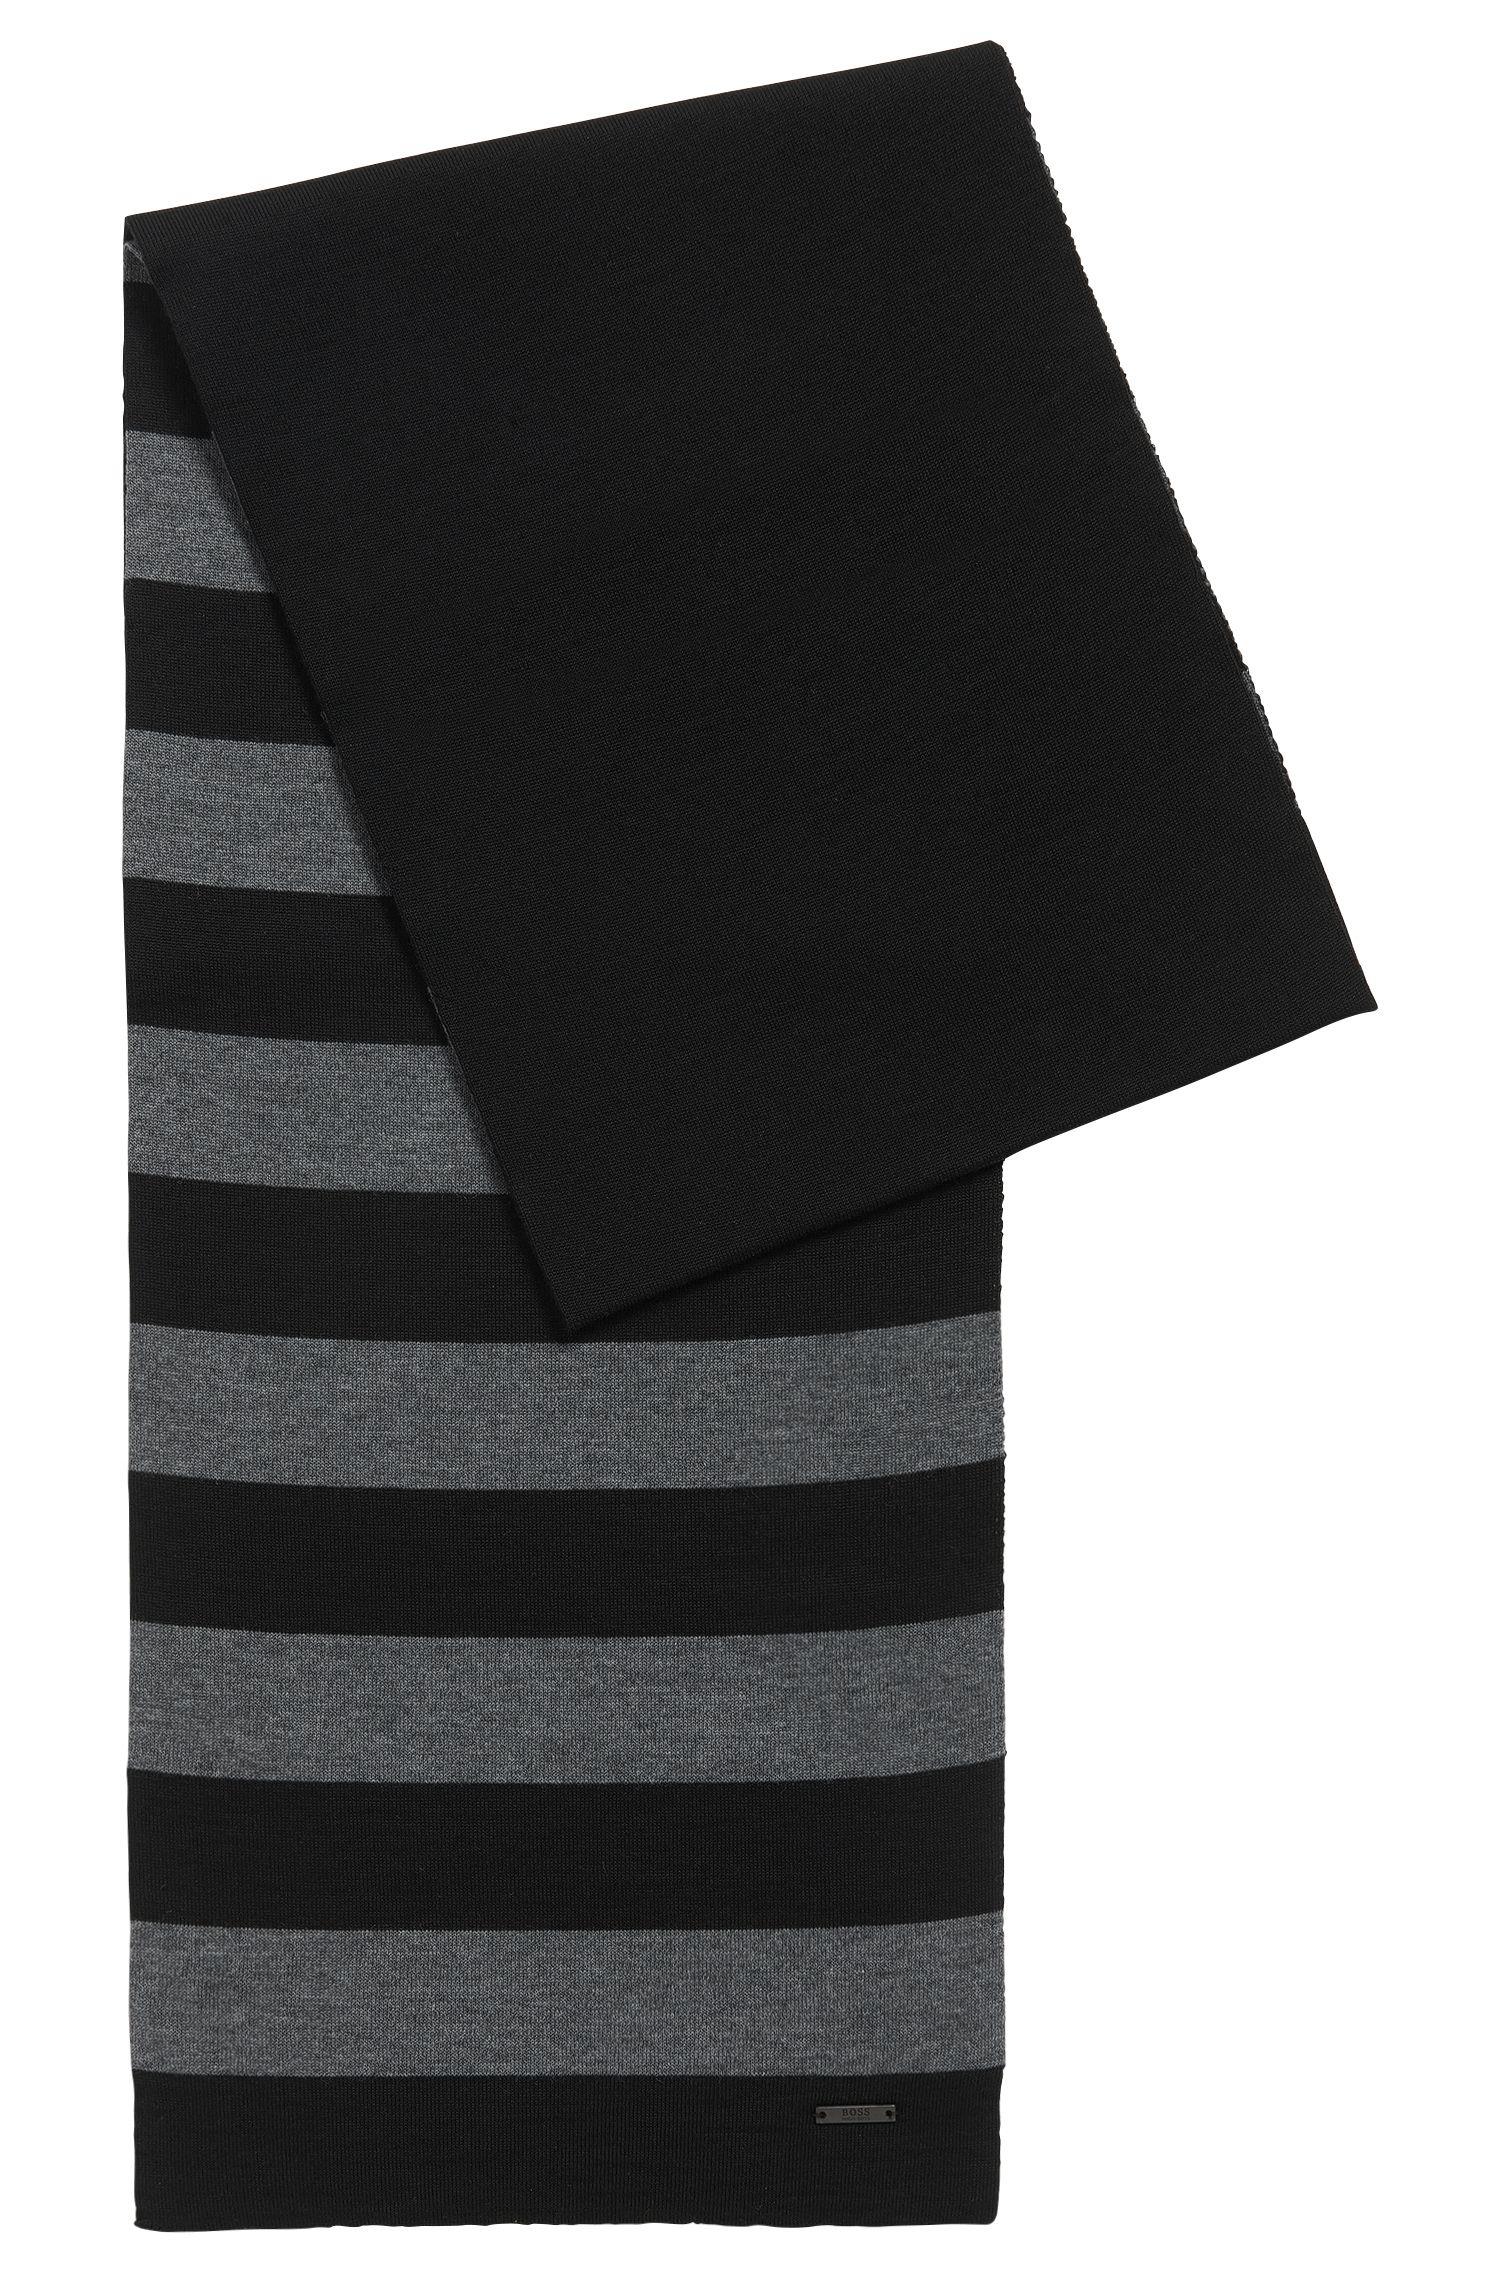 Striped scarf in virgin wool jersey